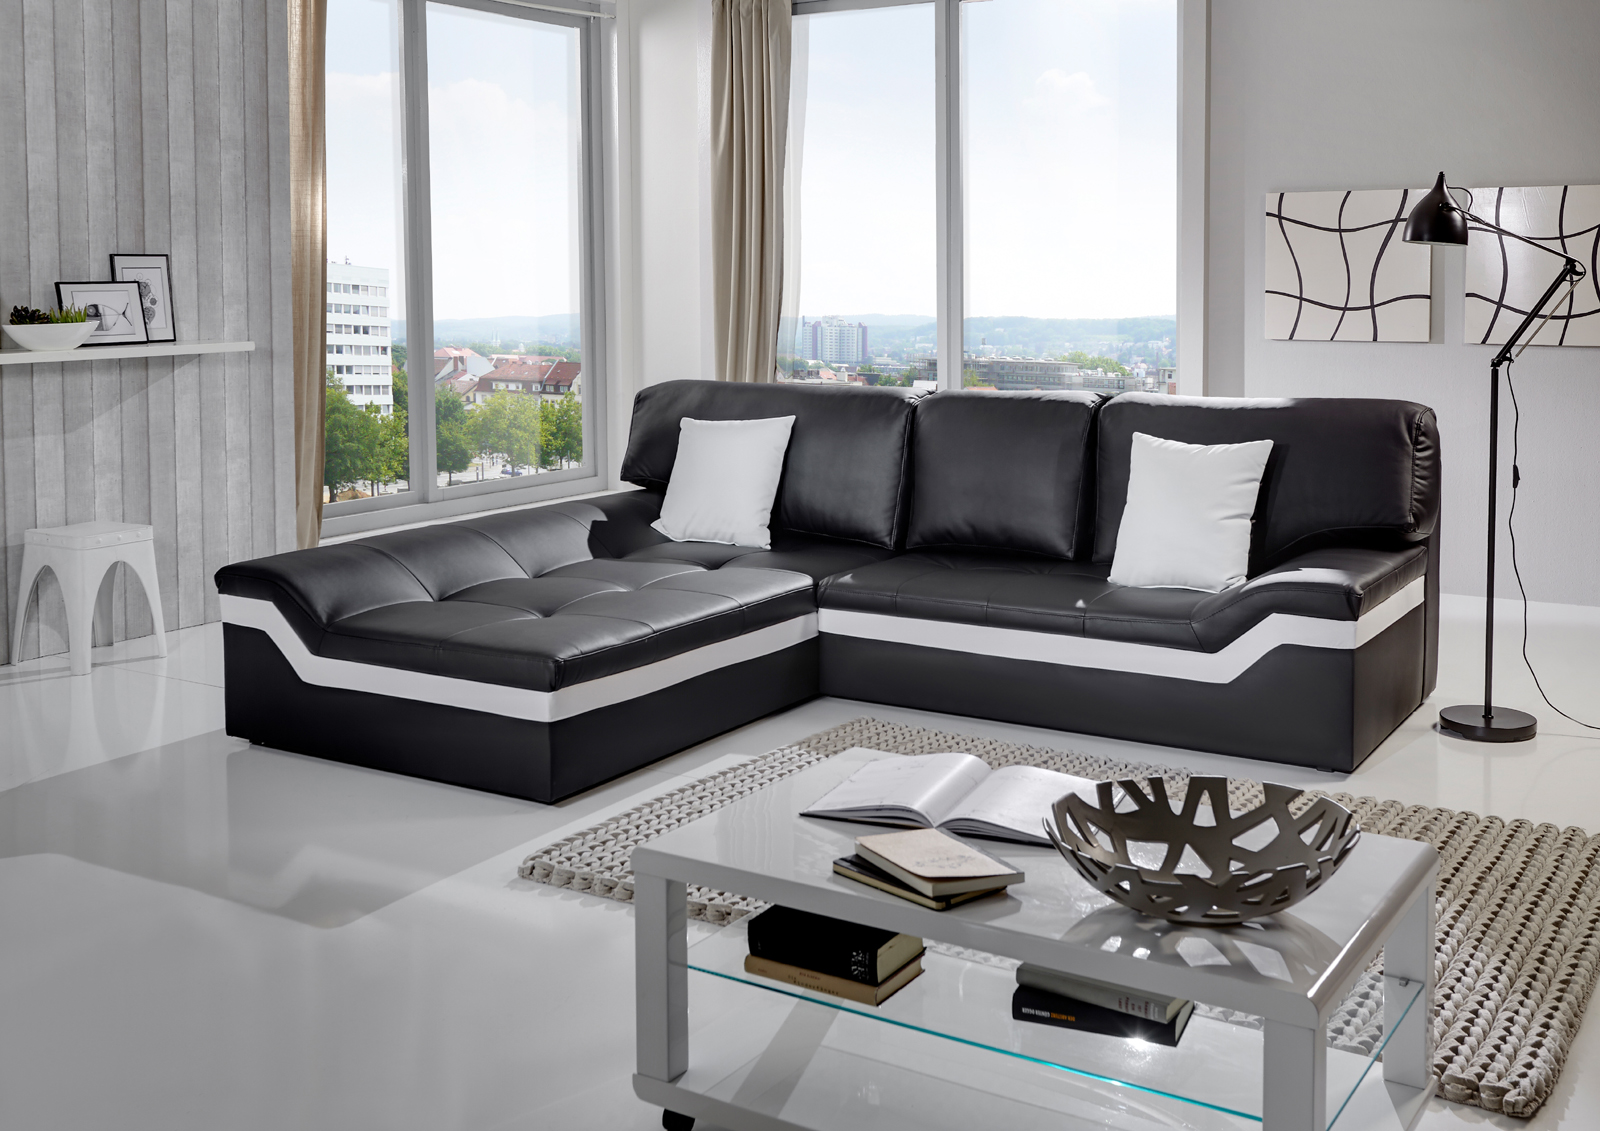 sam wohnzimmergarnitur ausstellungsst ck zum halben preis. Black Bedroom Furniture Sets. Home Design Ideas